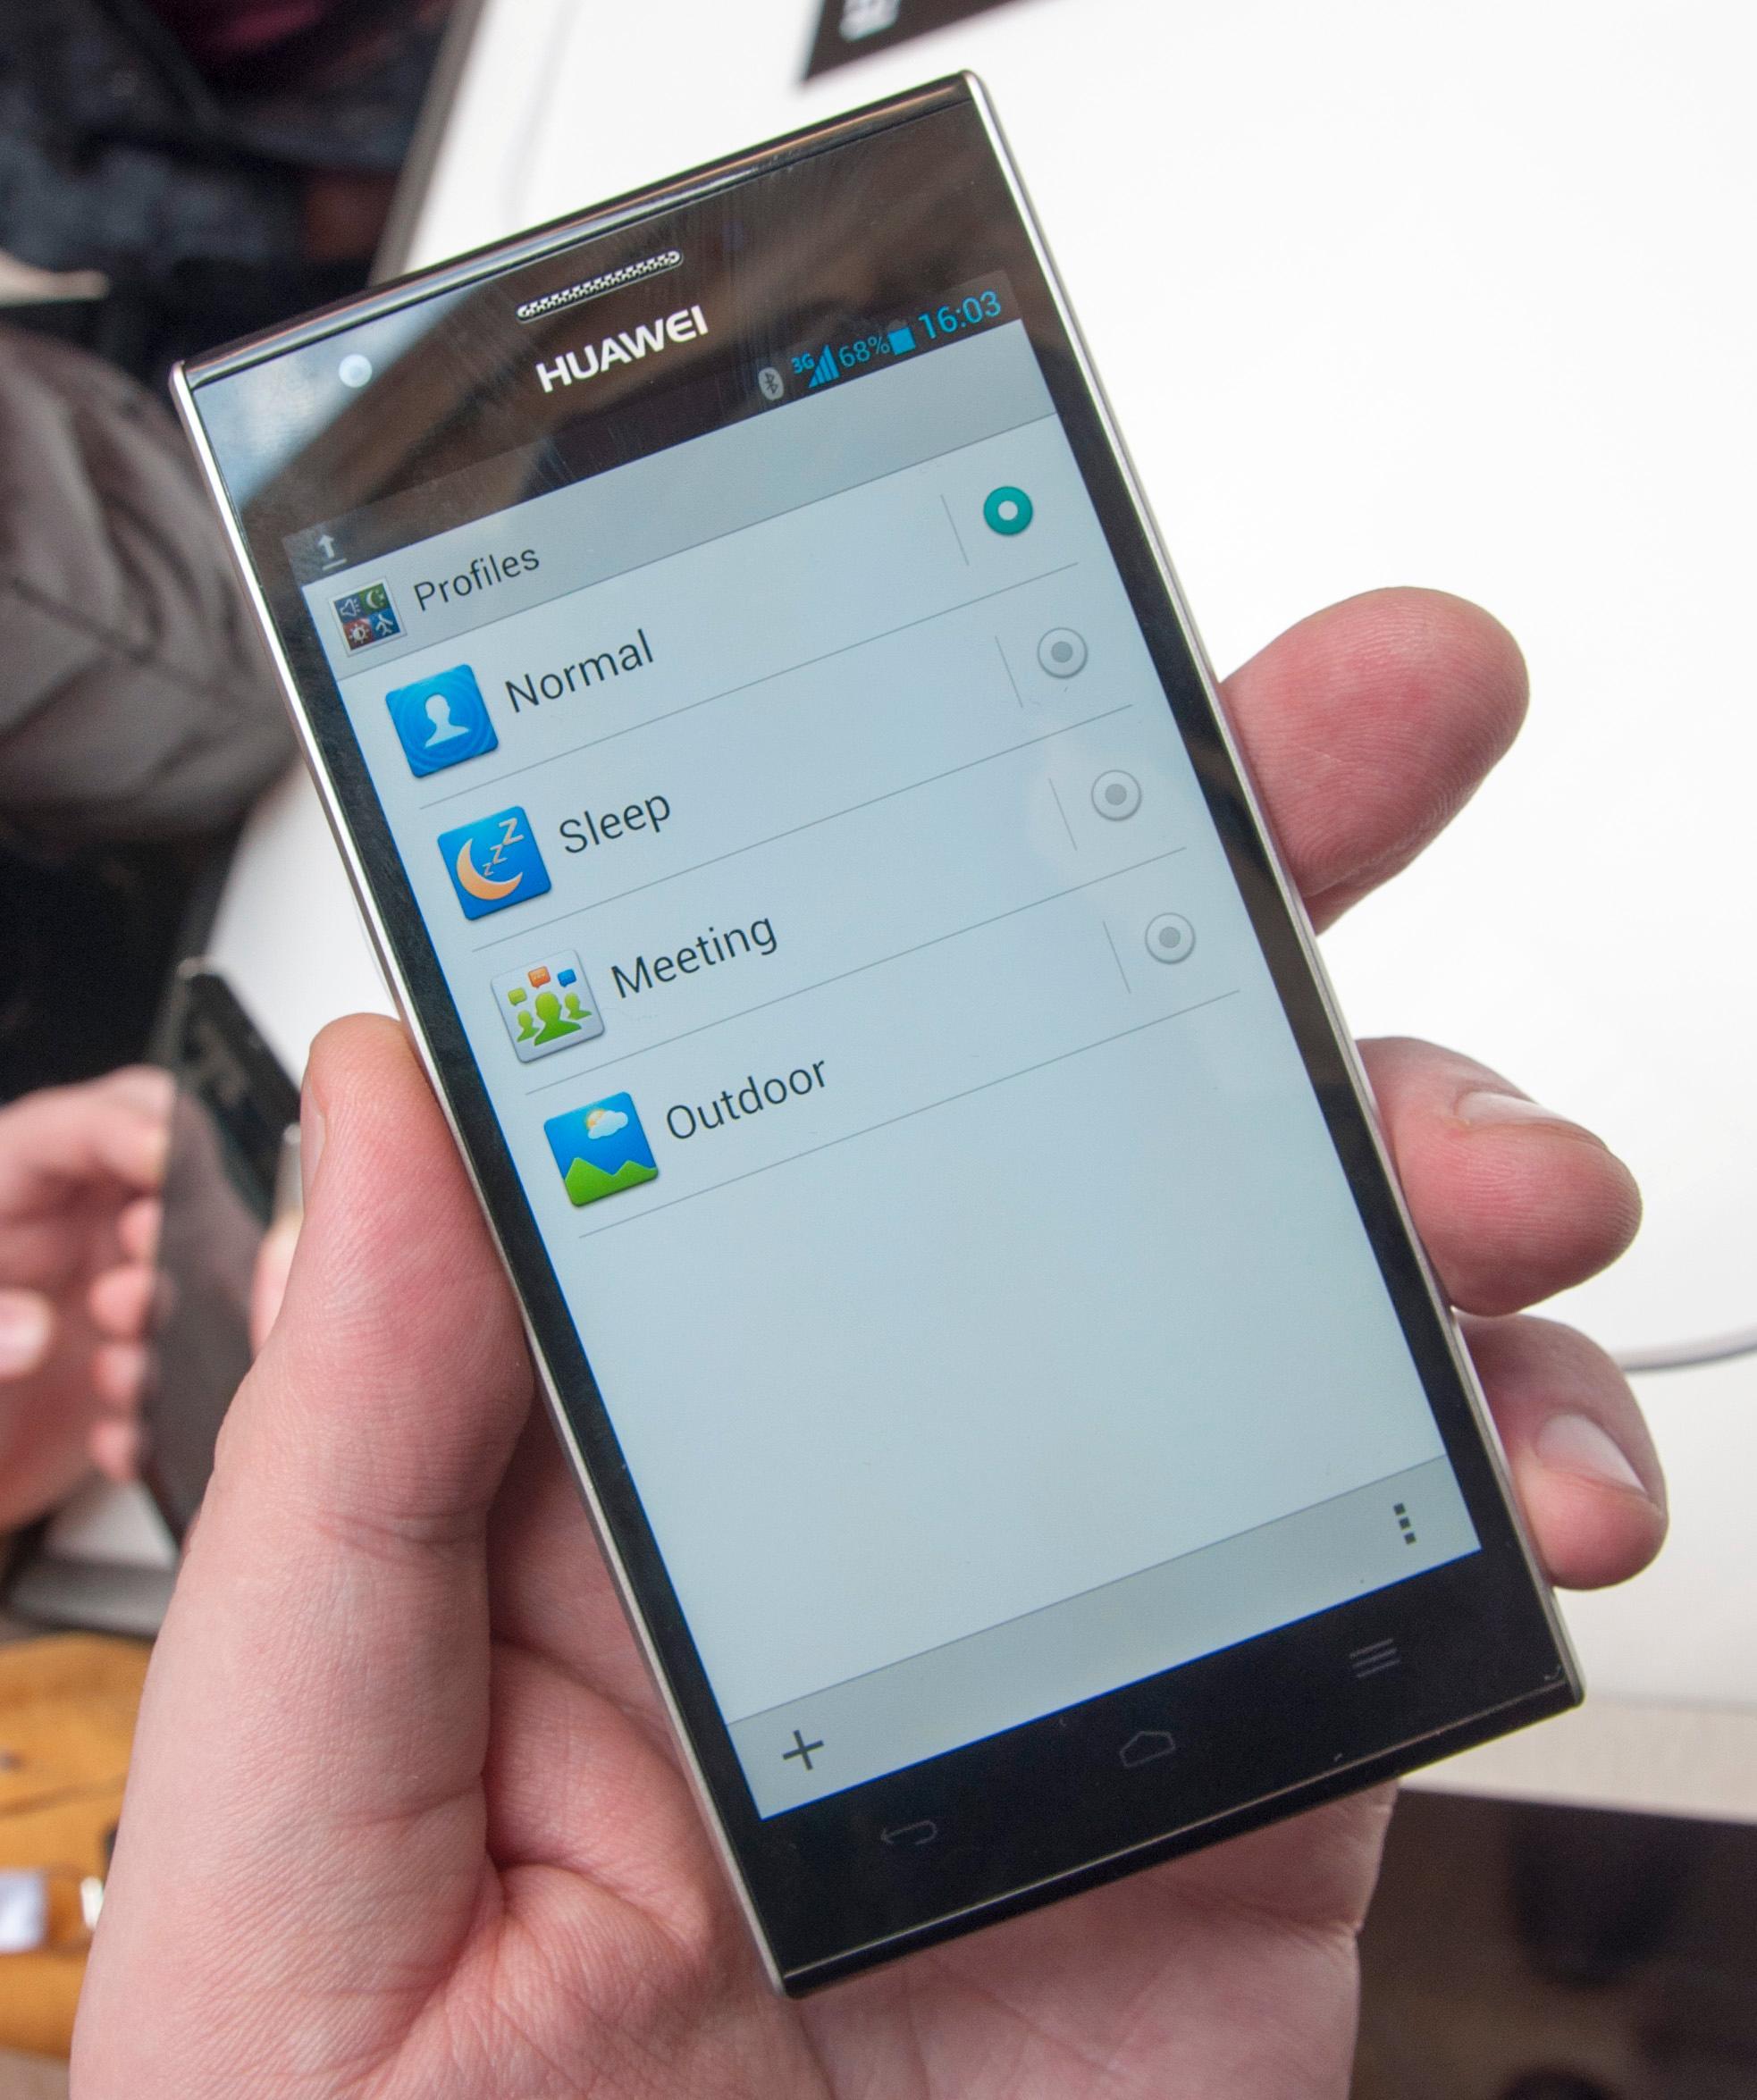 Du kan tilpasse telefonens innstillinger med ulike profiler.